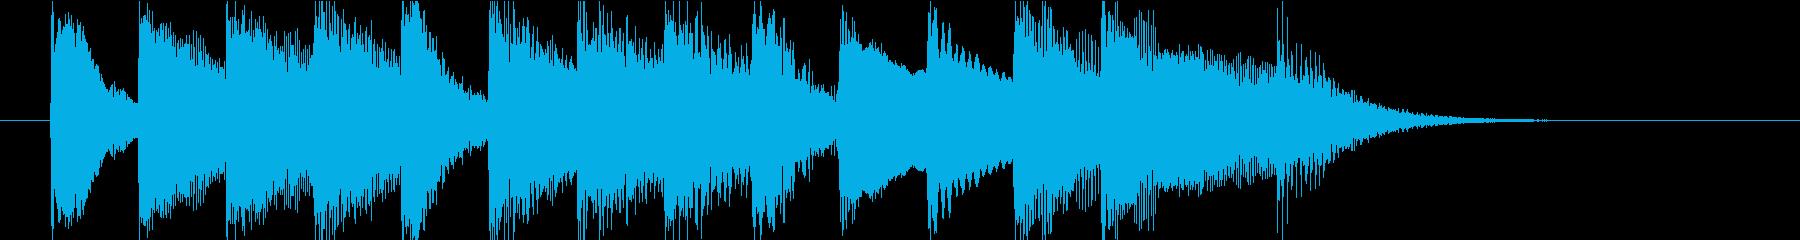 クラシック調のピアノジングルの再生済みの波形